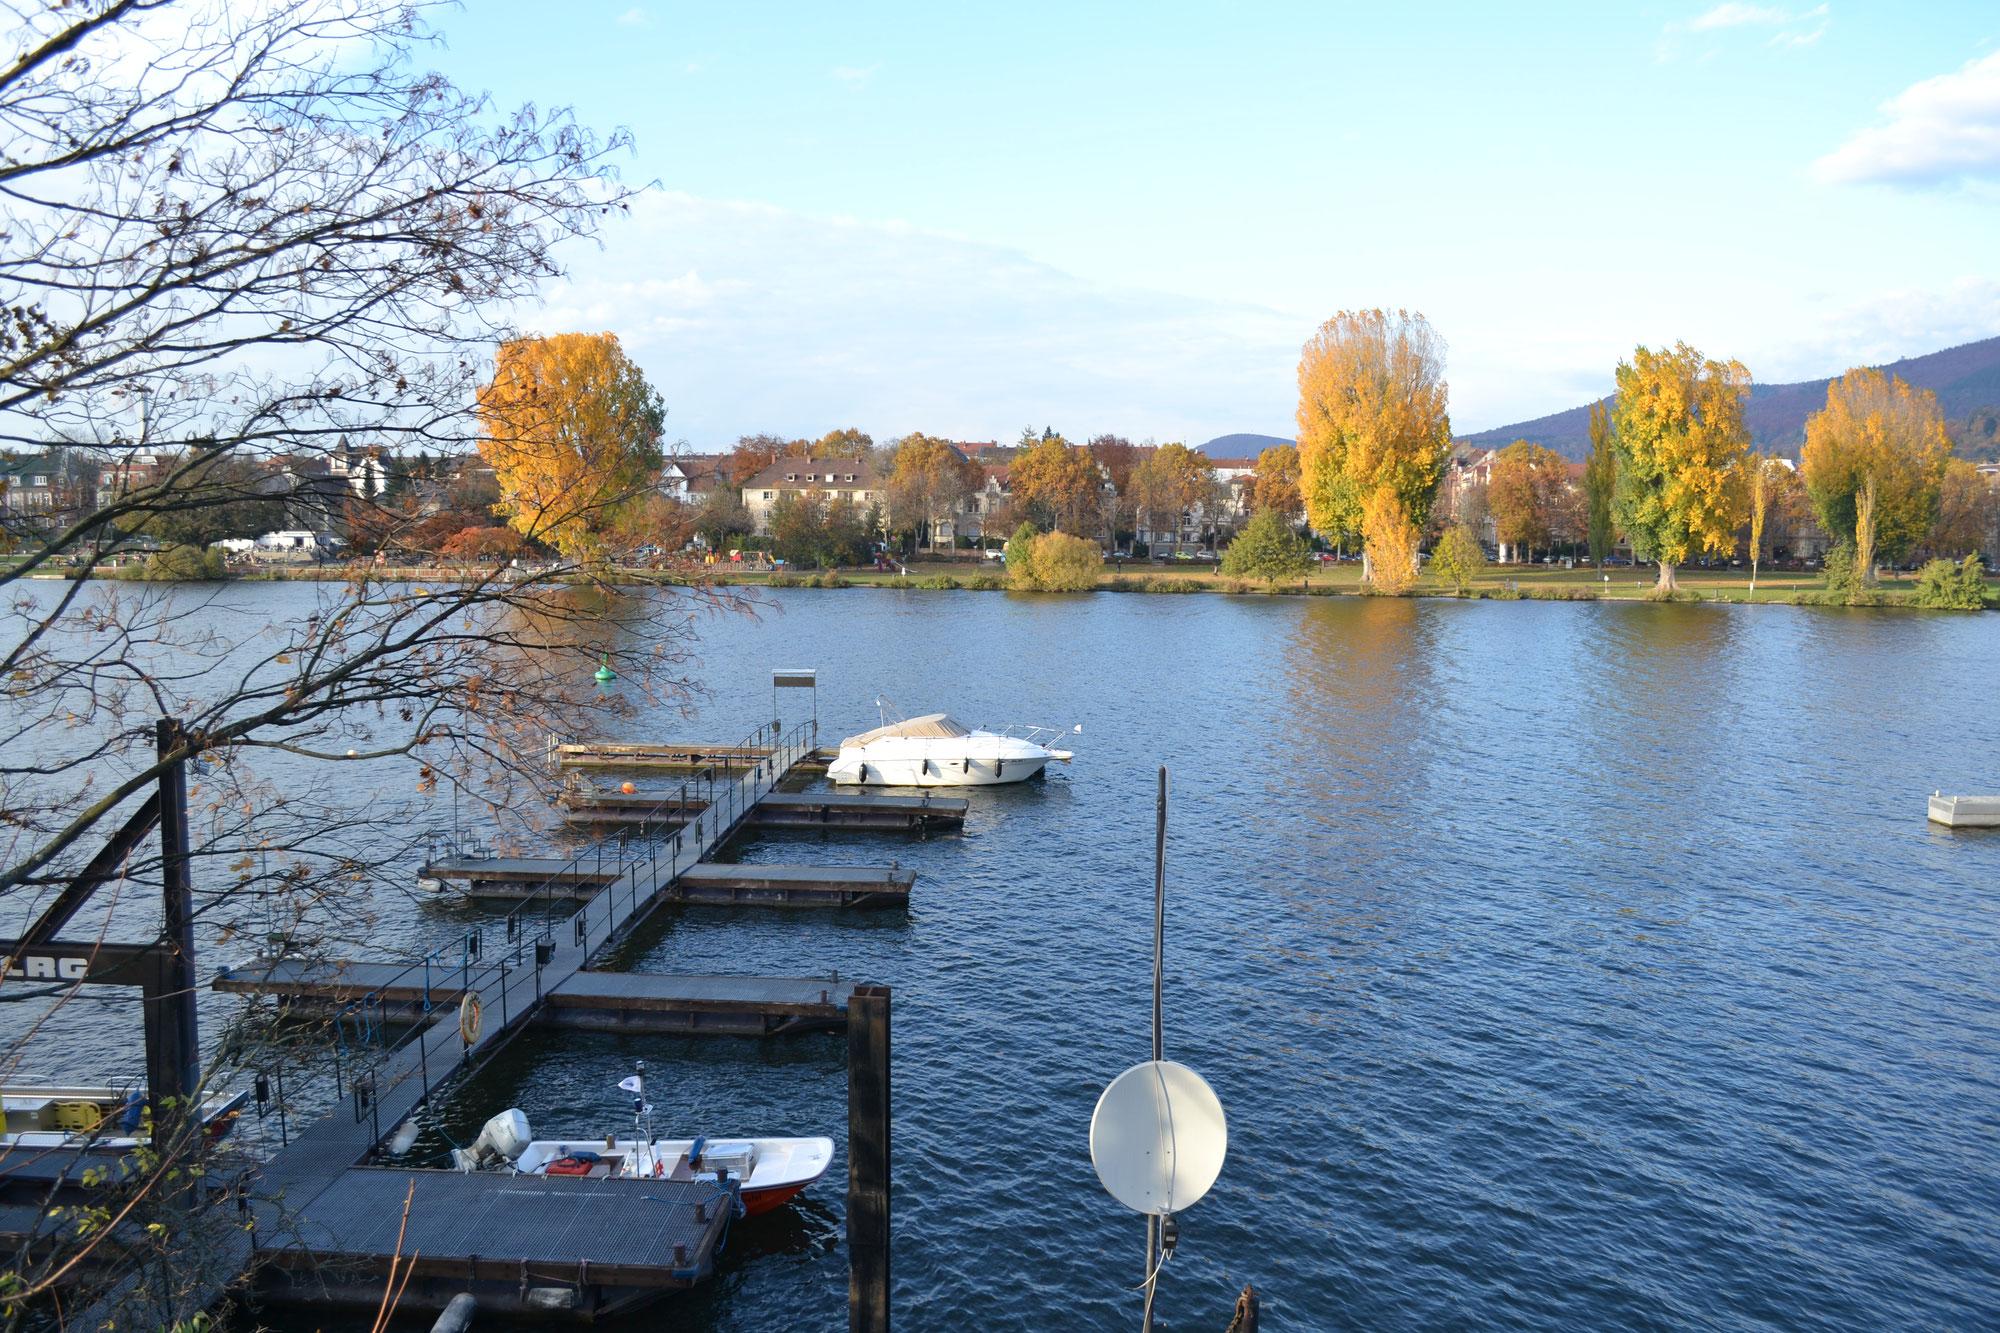 Heidelberg: Freizeit an der frischen Luft - In Corona-Zeiten neue Orte entdecken